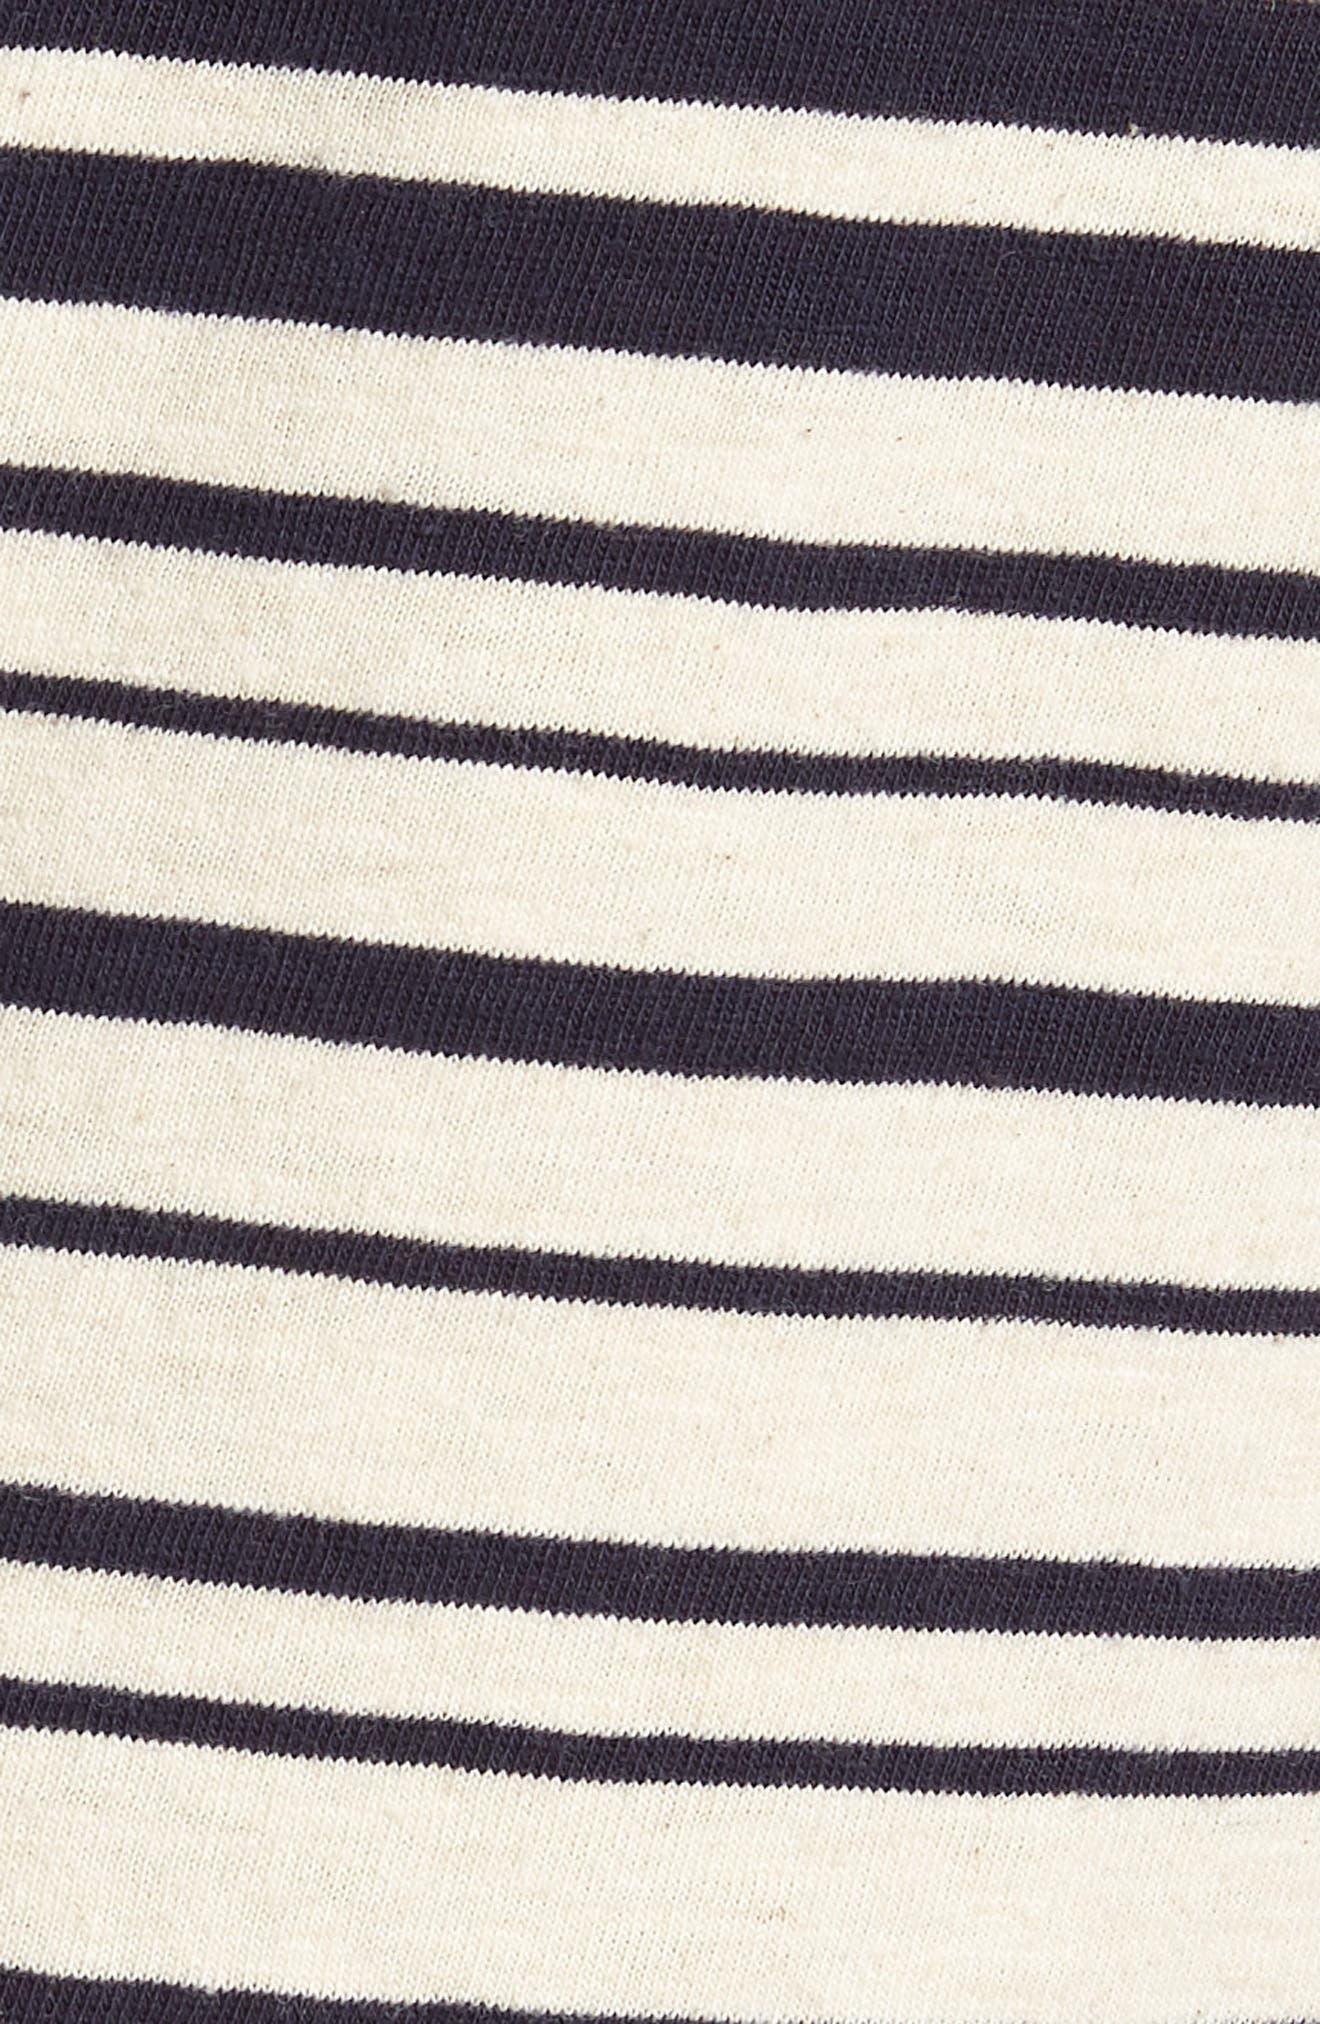 Variegated Stripe Slub Cotton T-Shirt,                             Alternate thumbnail 5, color,                             400